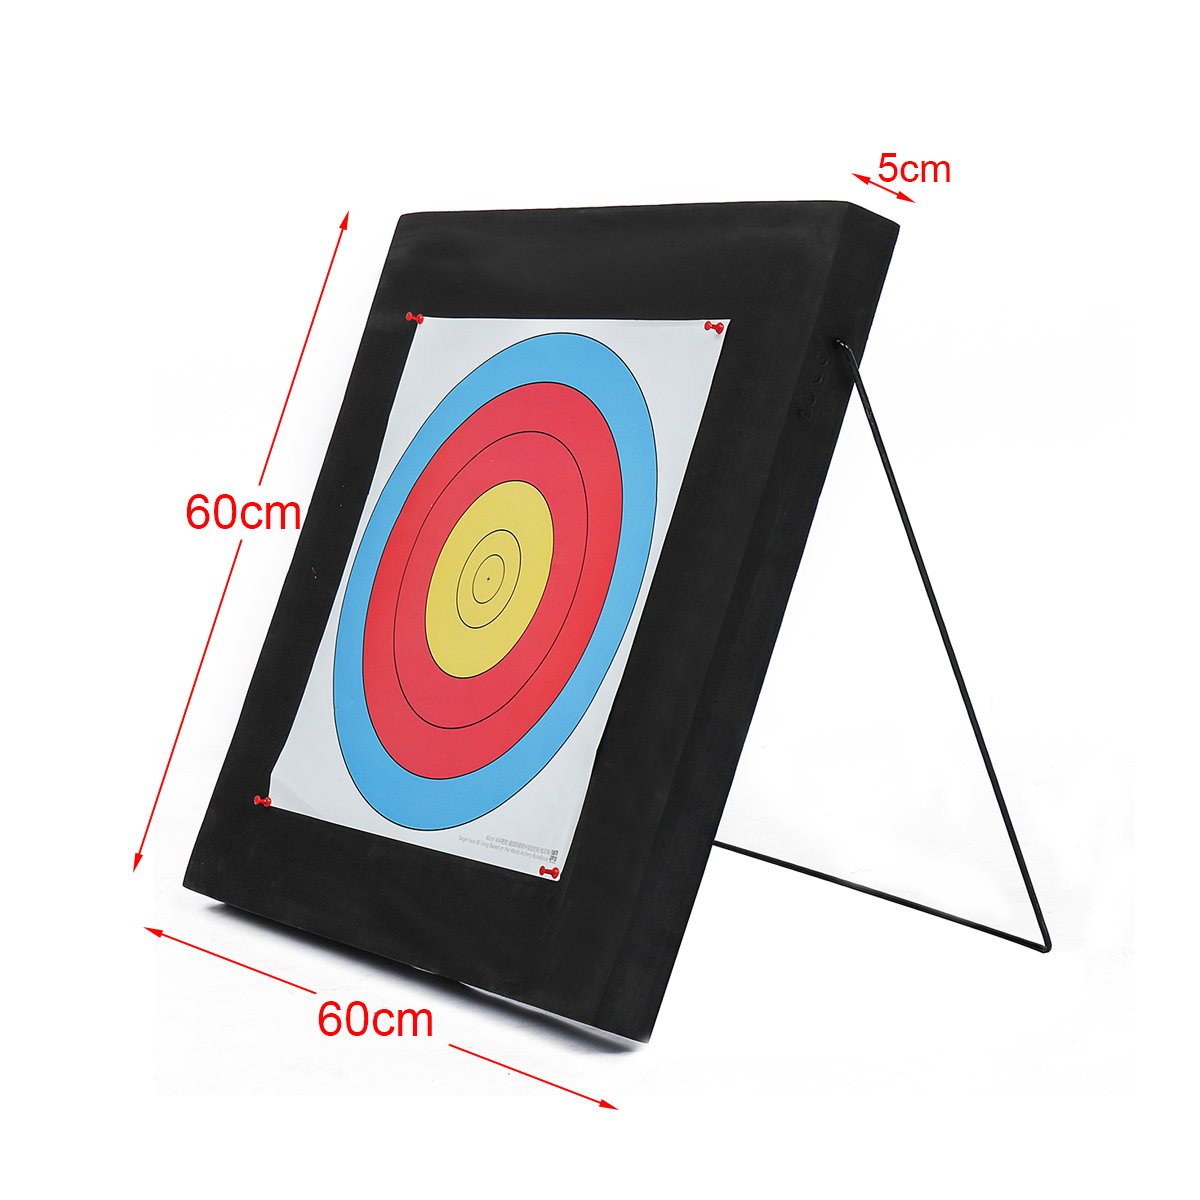 60*60cm Archery Target EVA Foam Board Self Healing Compound Recurve Practice